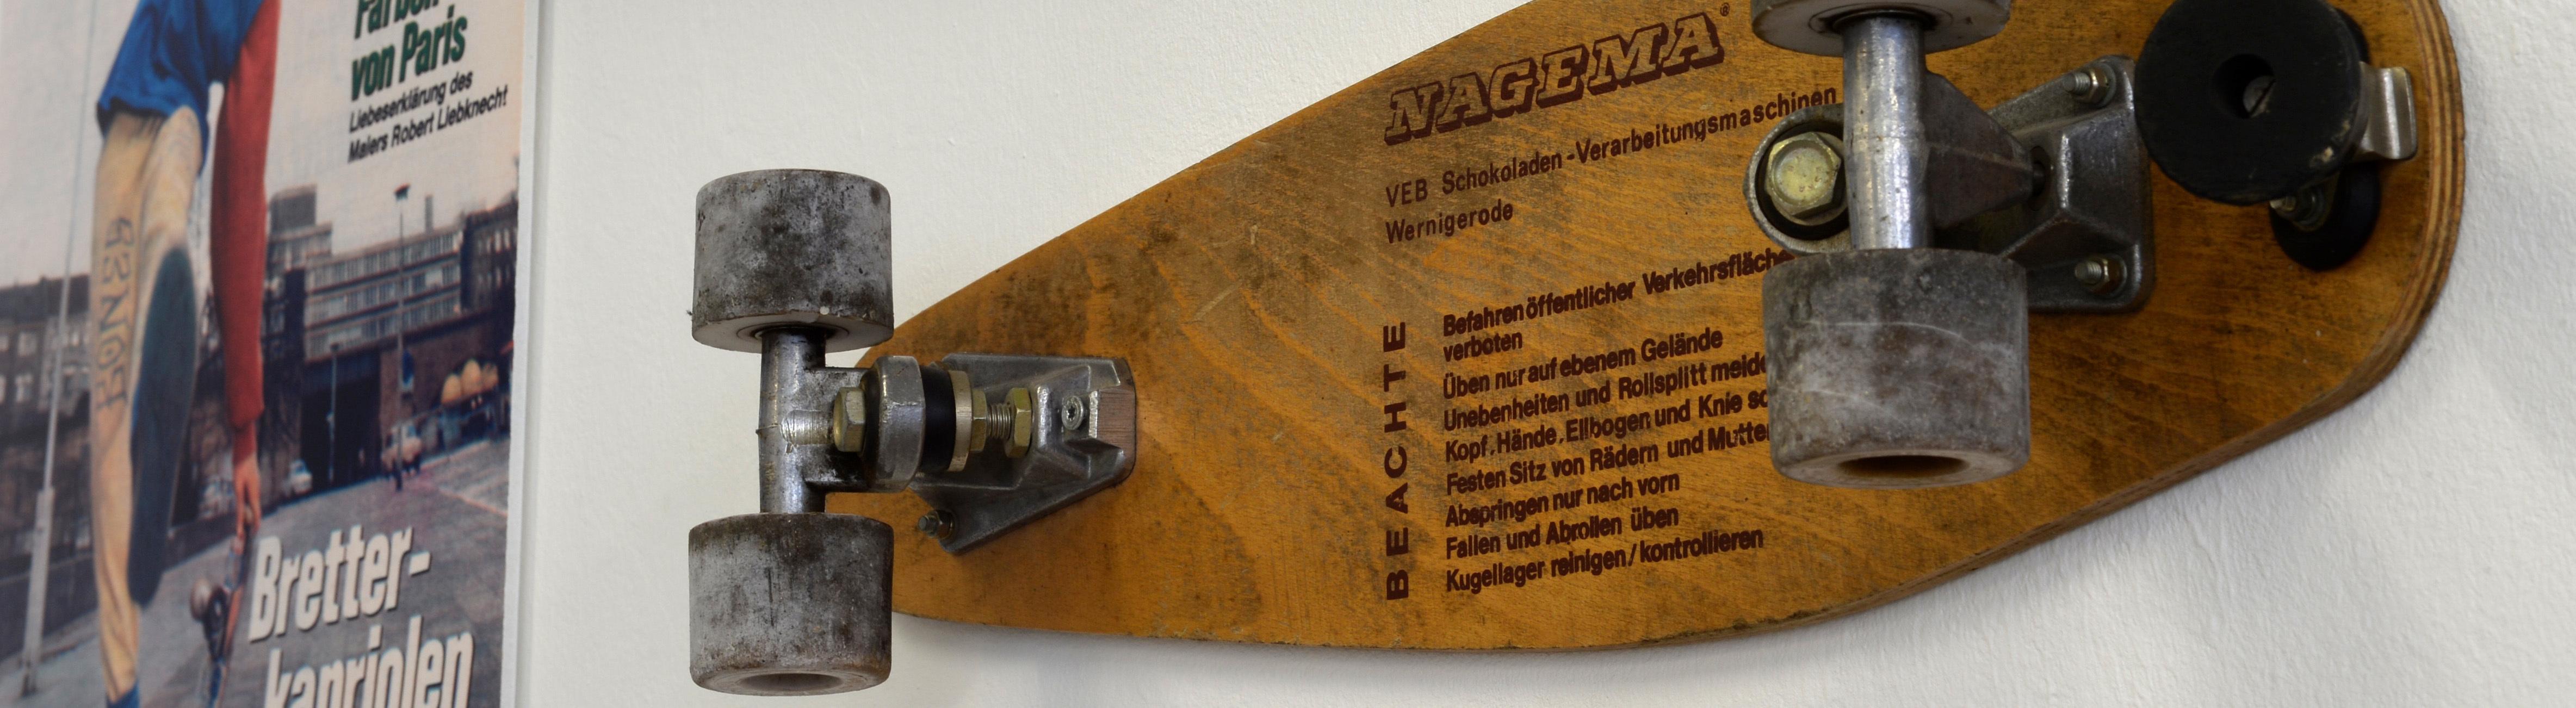 Zahlreiche Vorschriften und ein Bremsklotz sind am 13.08.2013 während der Aufbauarbeiten einer Skateboard-Ausstellung im Stattbad in Berlin-Wedding auf einem typischen DDR-Skateboard zu sehen.